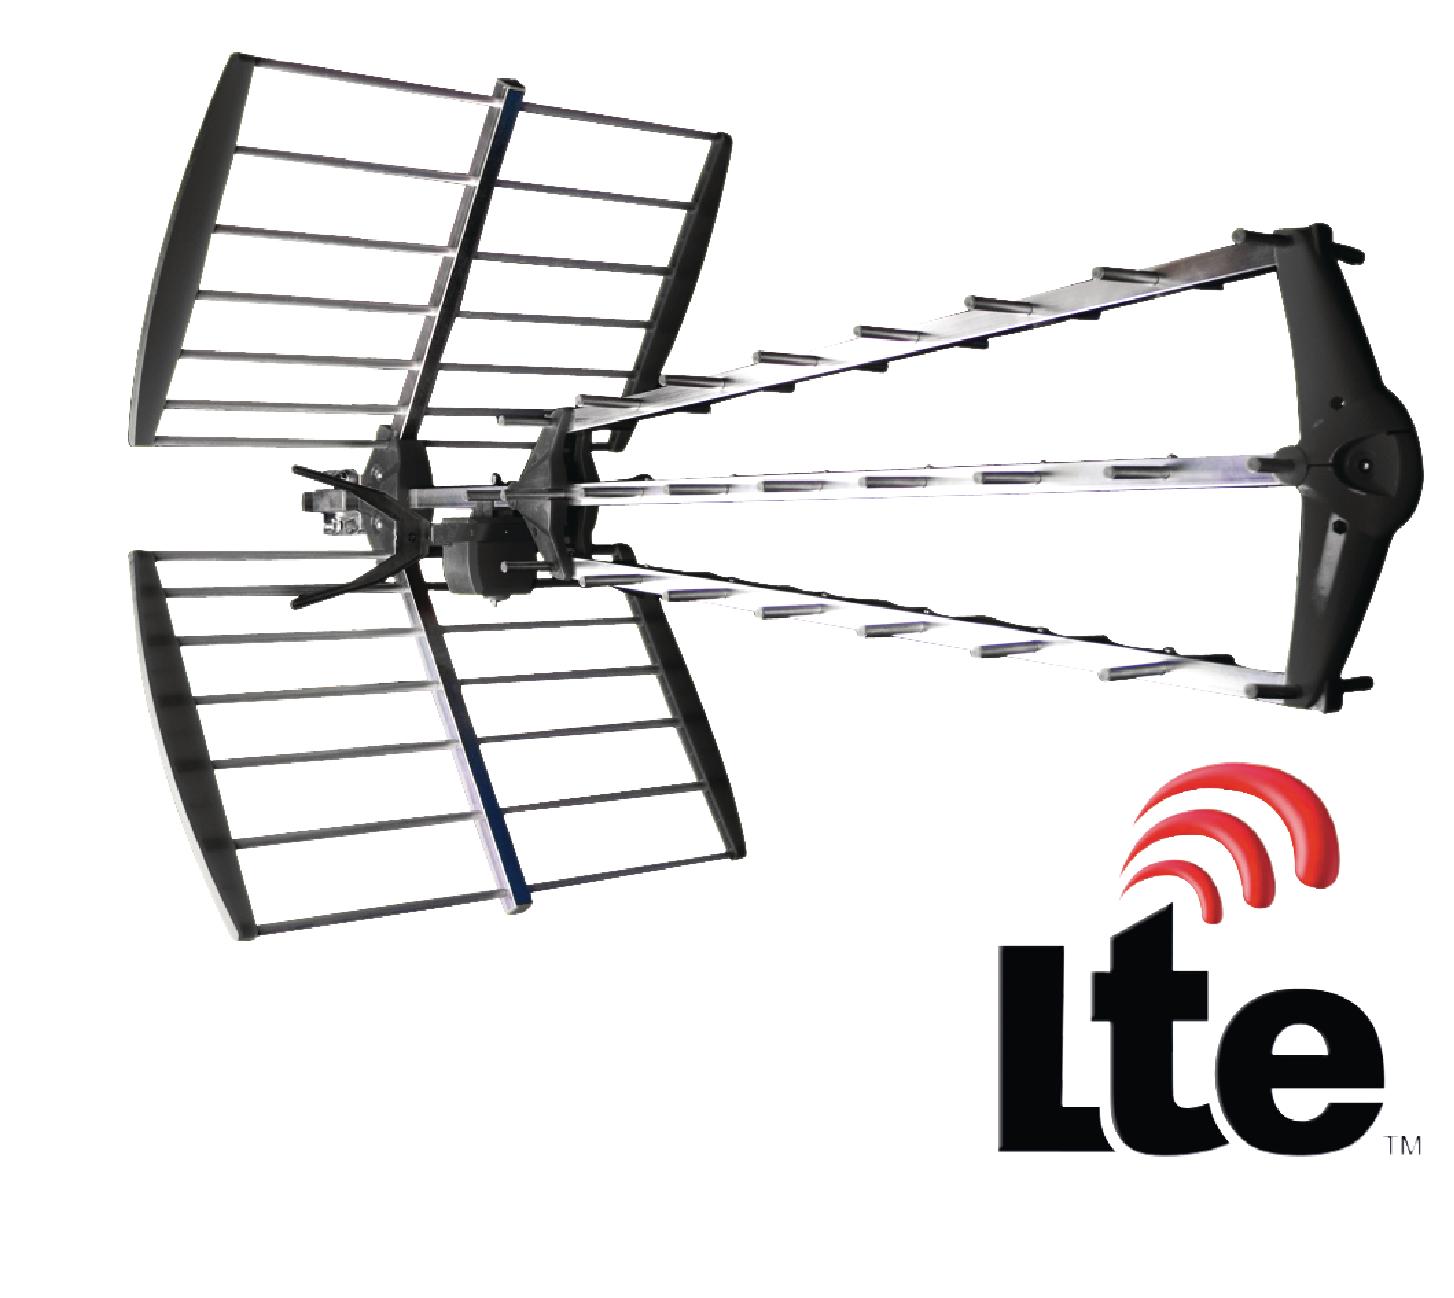 Anténa König UHF DVB-T/T2 LTE 15.5 dB